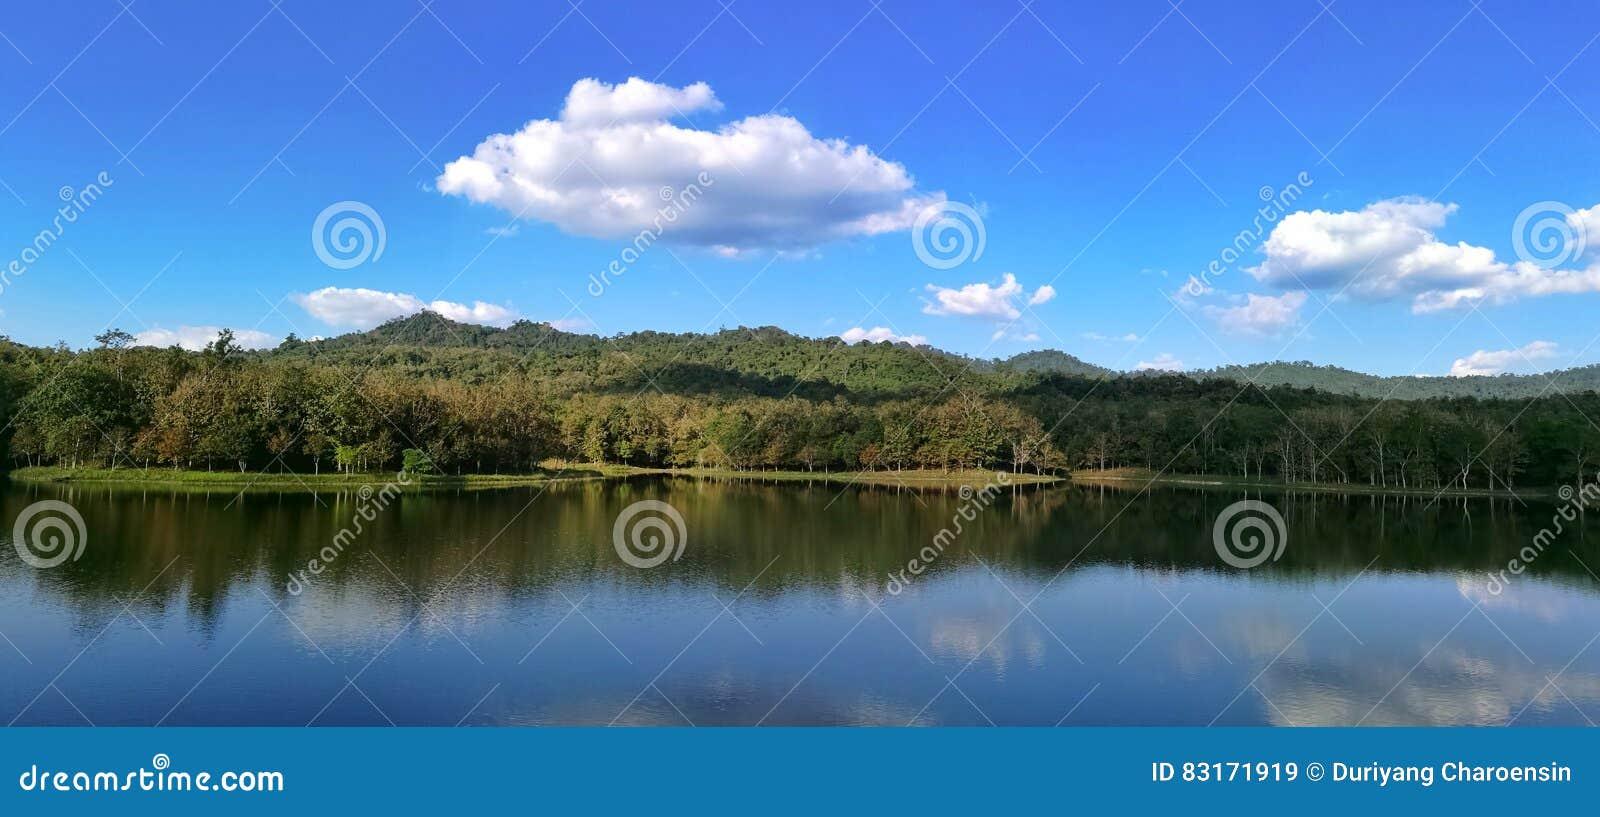 See in Pongkonsao-saraburi Thailand